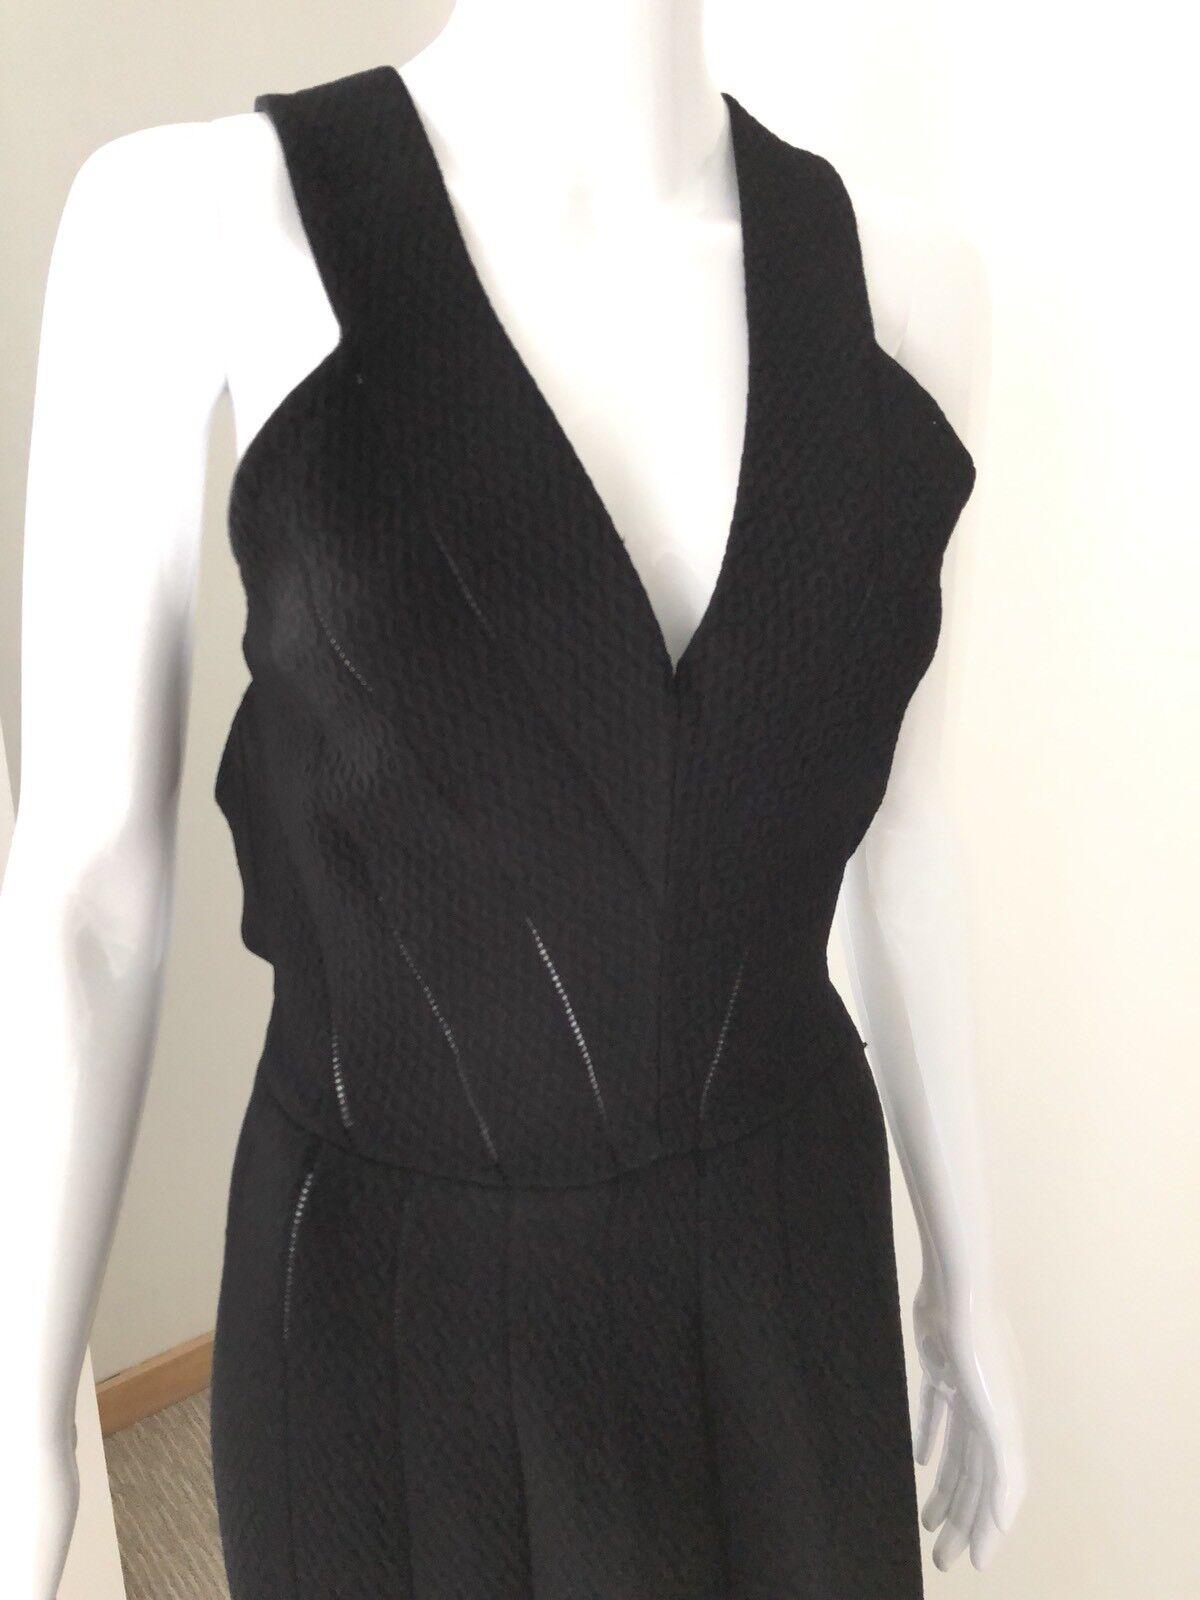 Nouveau 3570   Alaia Noir Texture Tricot Sans Manches V-cou Robe de Sirène Taille 42, 6